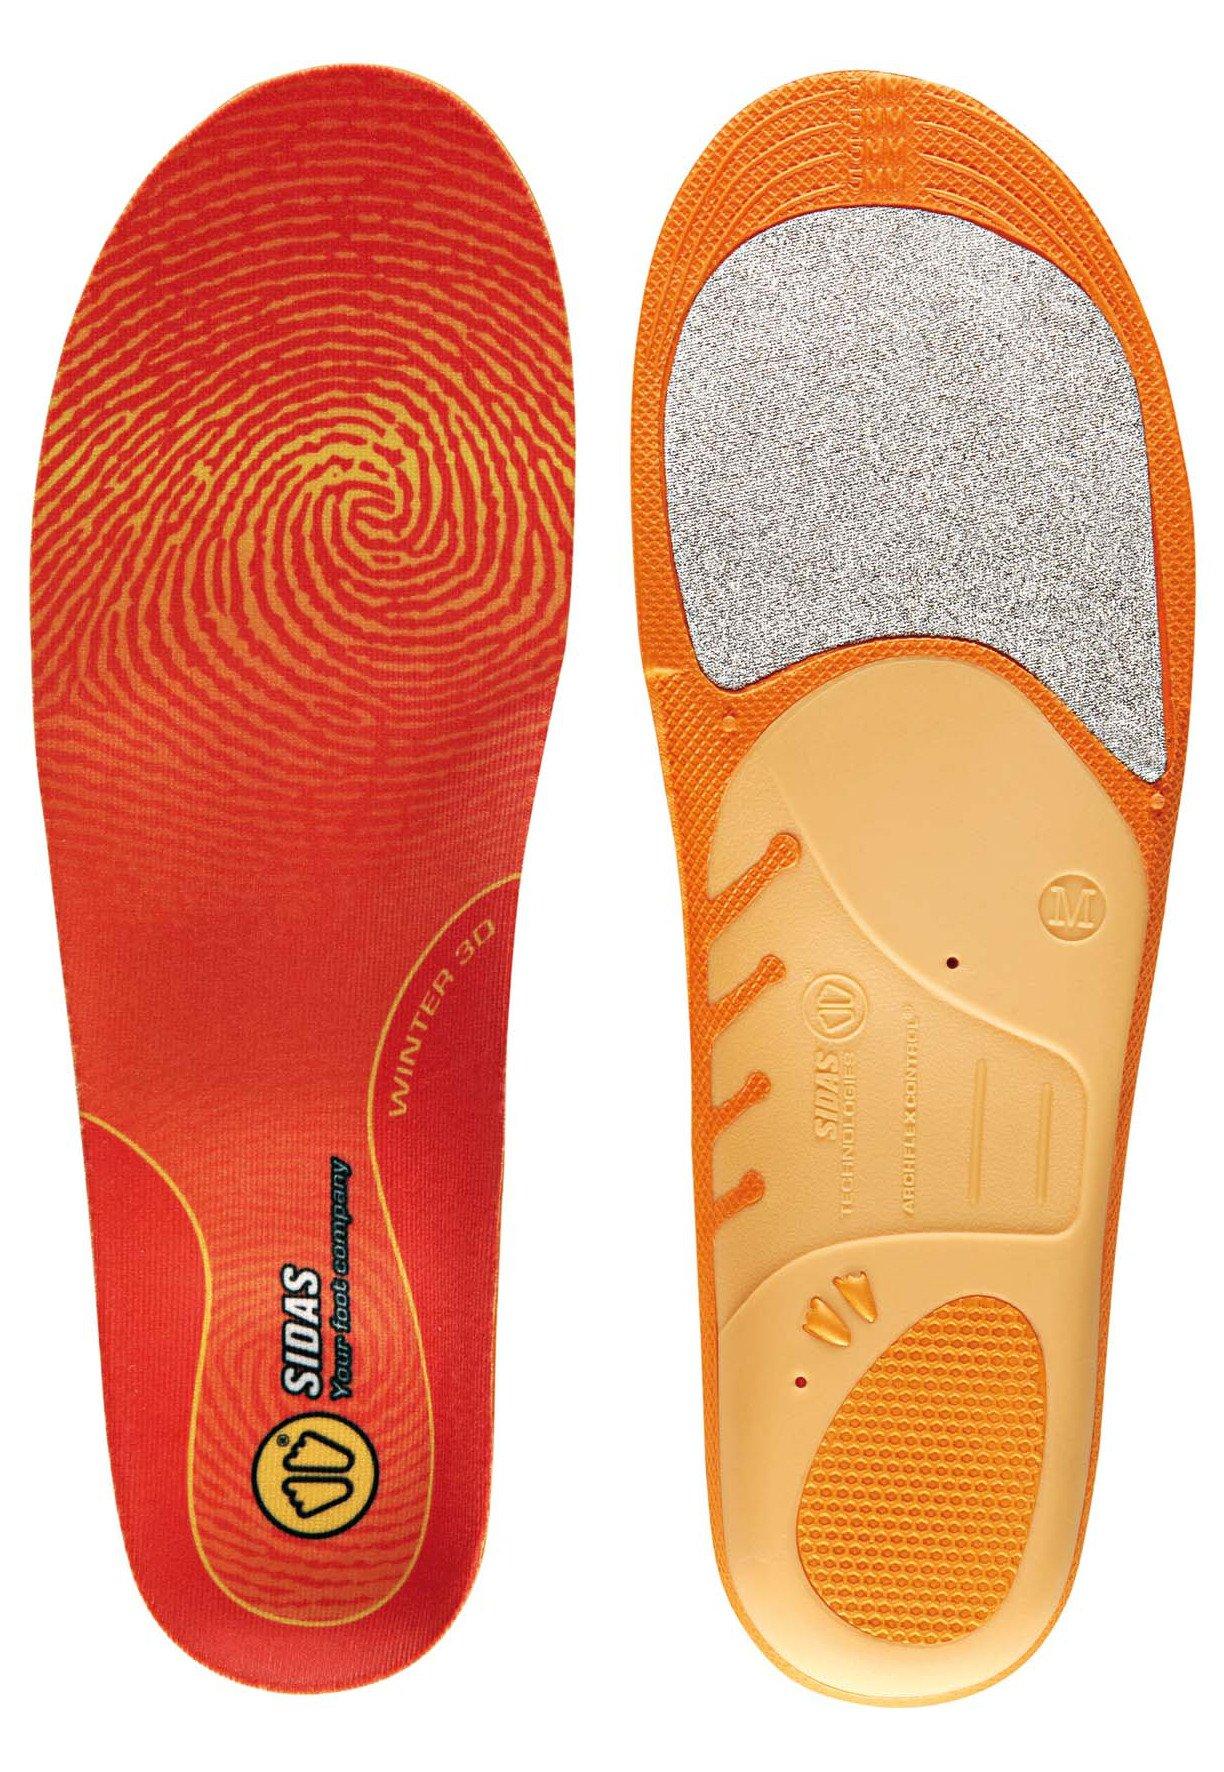 Sidas Winter 3D Insole Orange Orange - Orange Size:S by Sidas